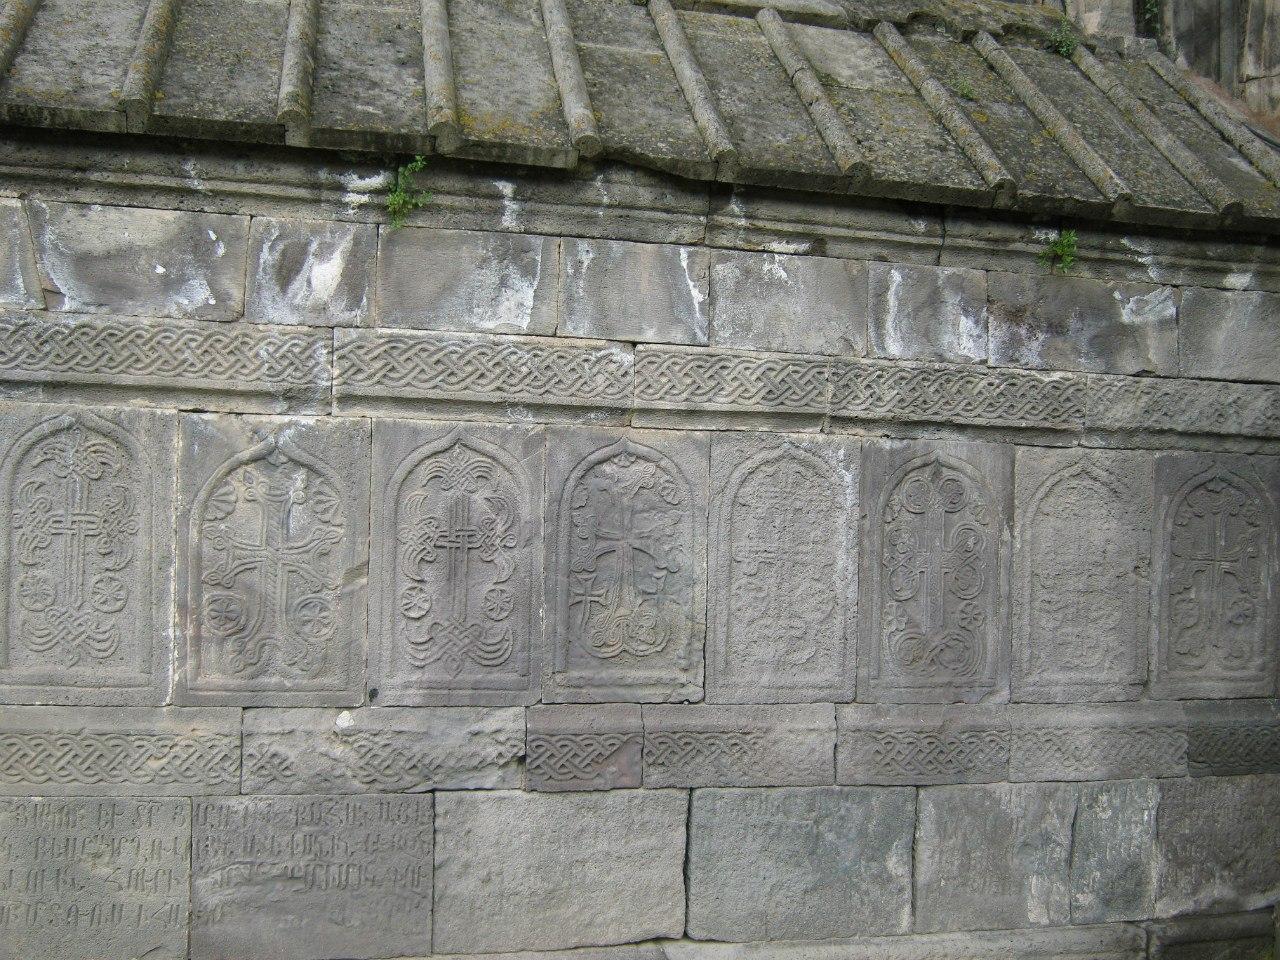 хачкары на стене гробницы в Татевском монастыре